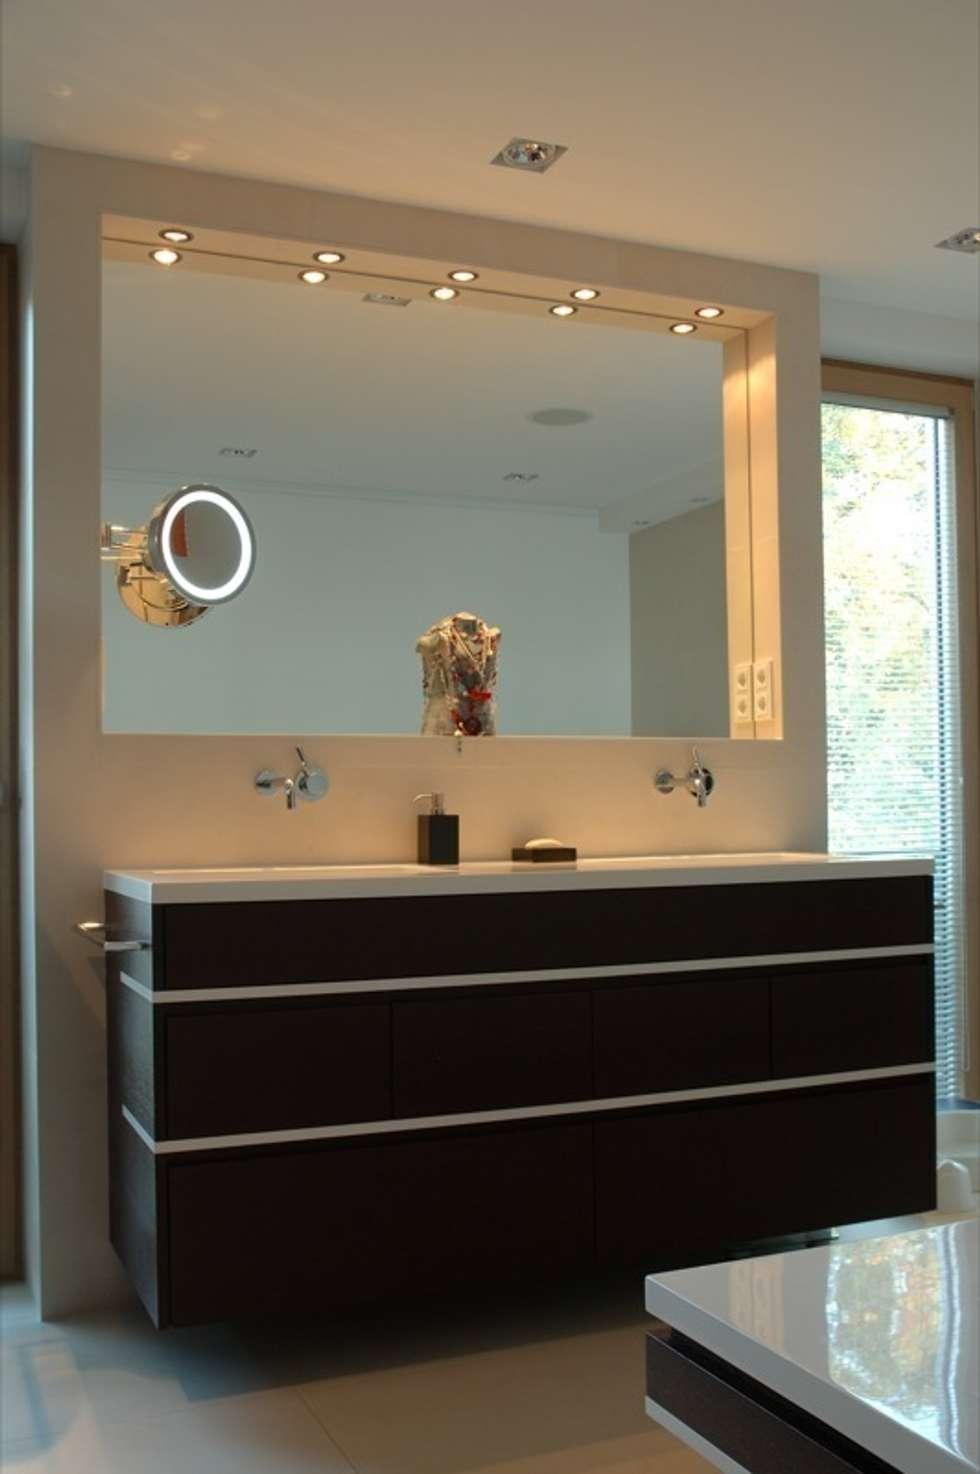 Wohnideen interior design einrichtungsideen bilder homify - Stadler architekten ...